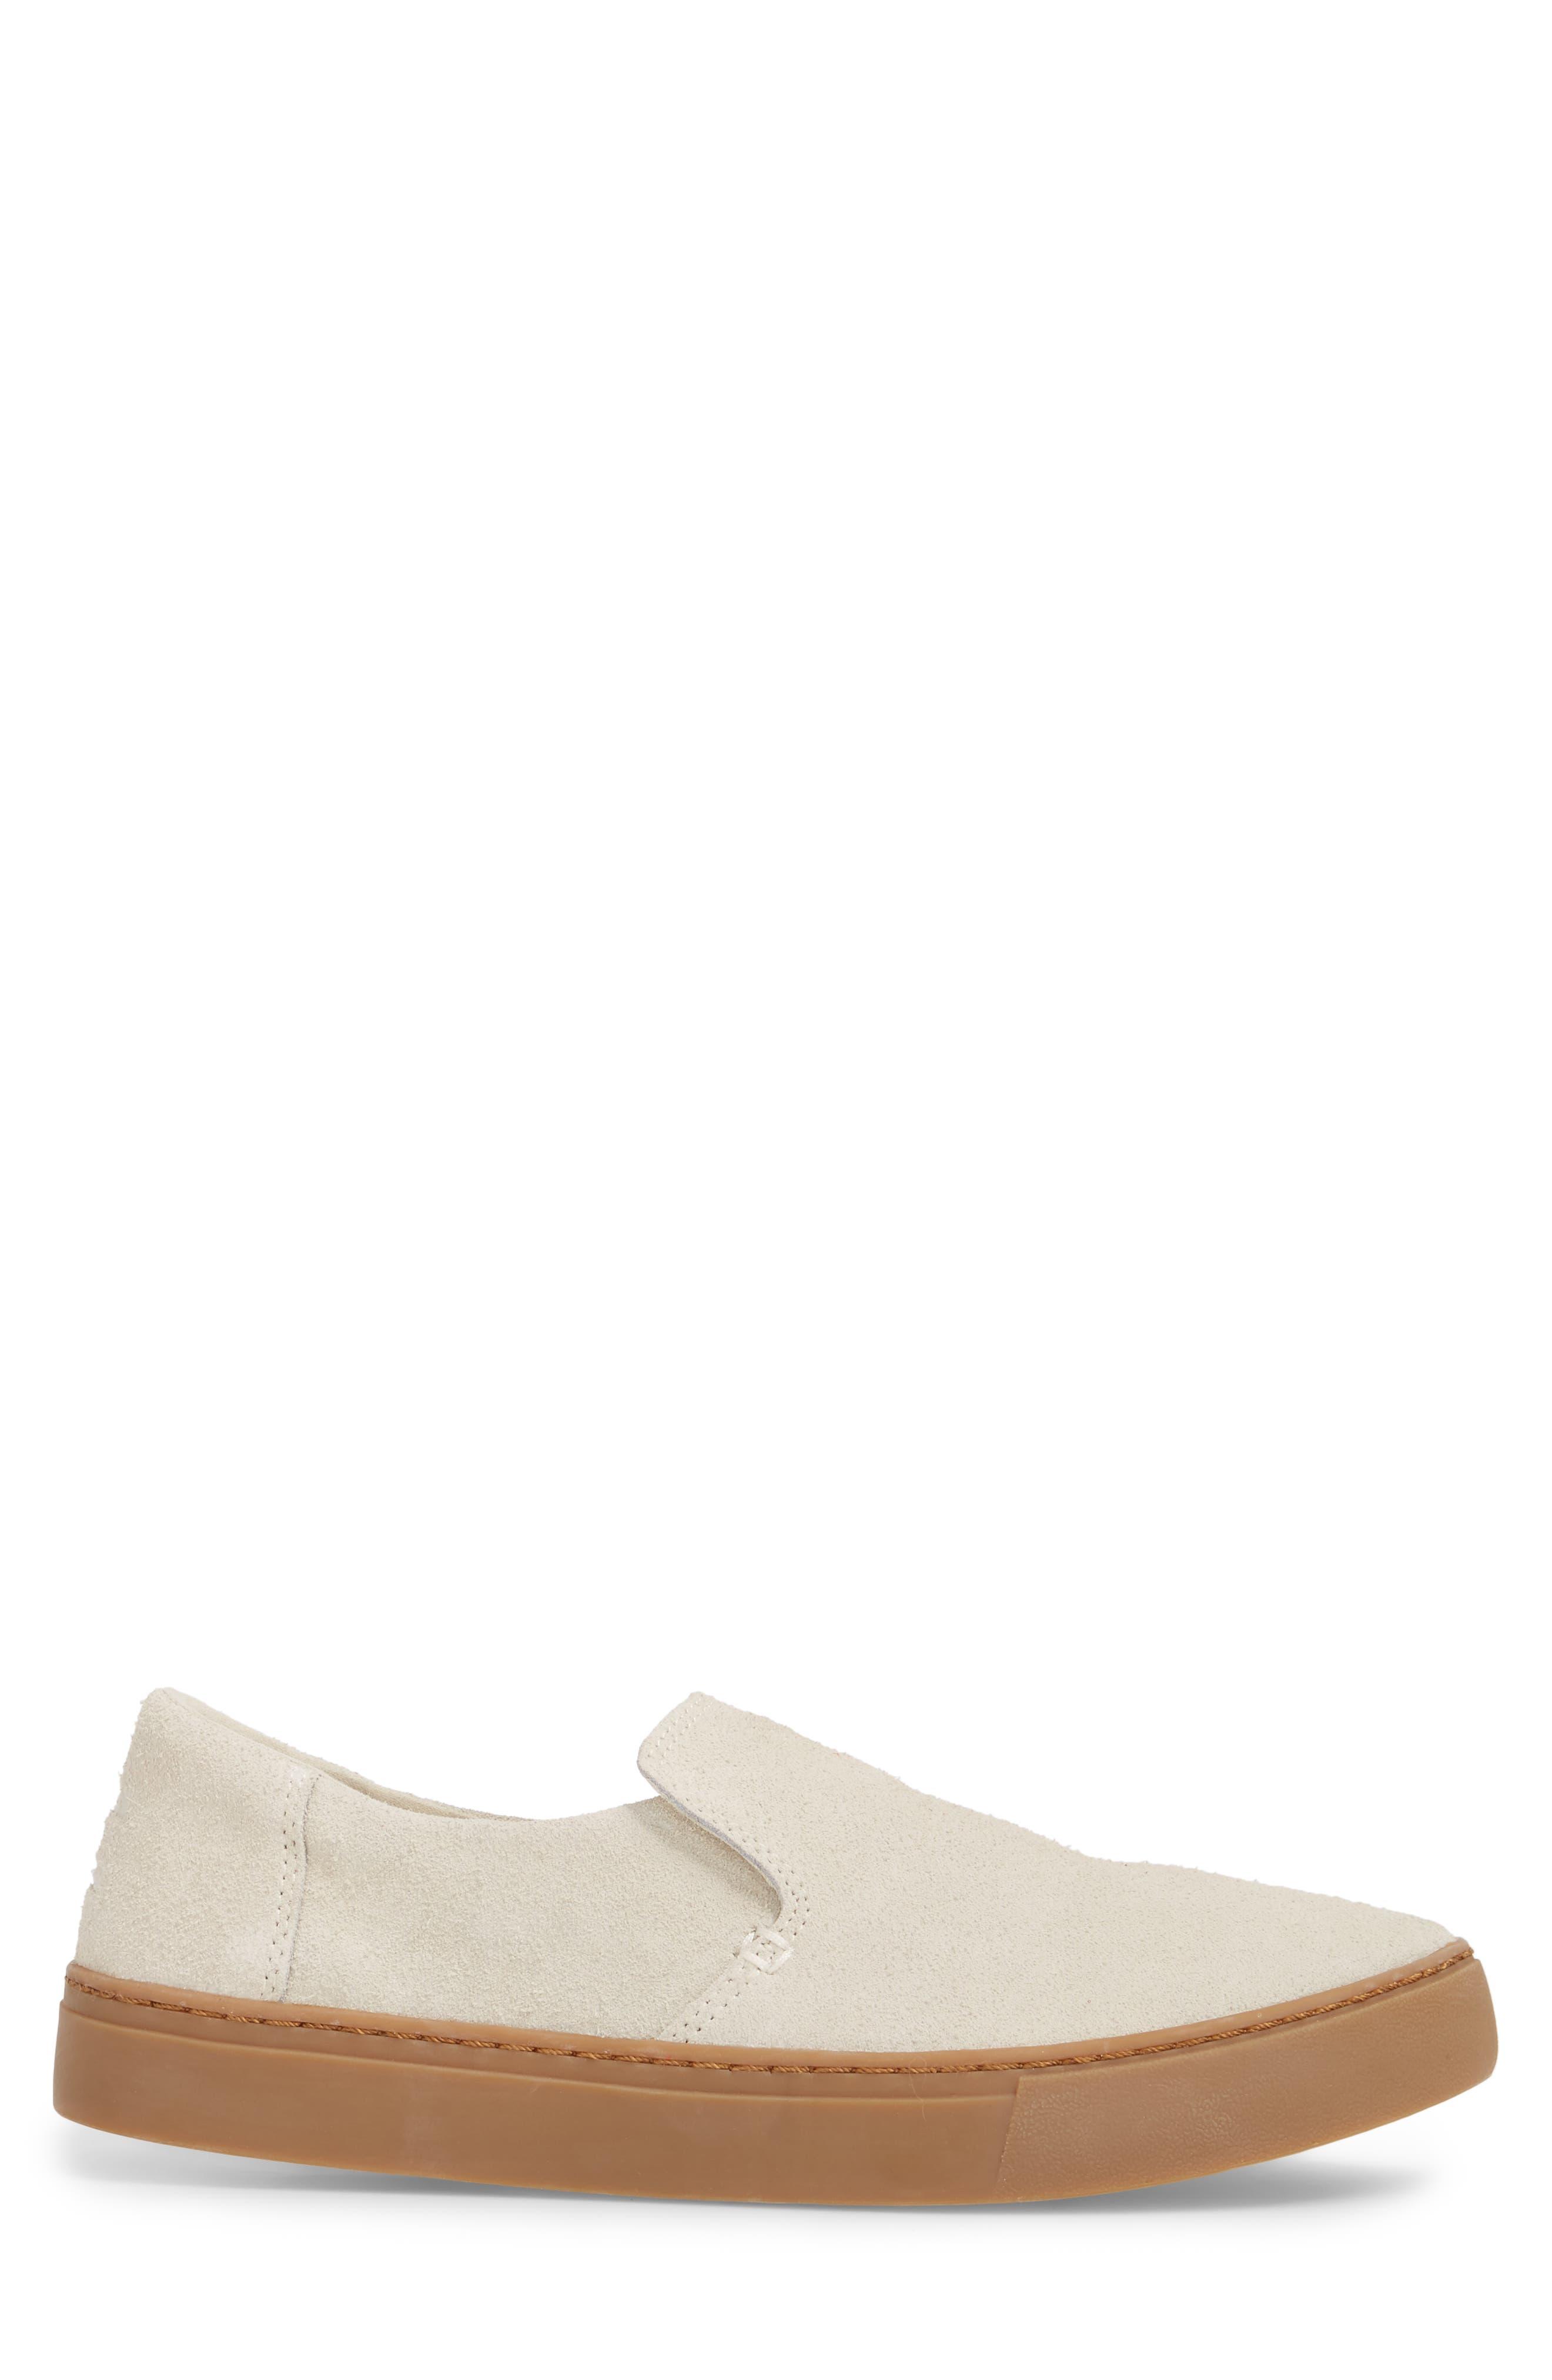 Loma Slip-On Sneaker,                             Alternate thumbnail 3, color,                             250